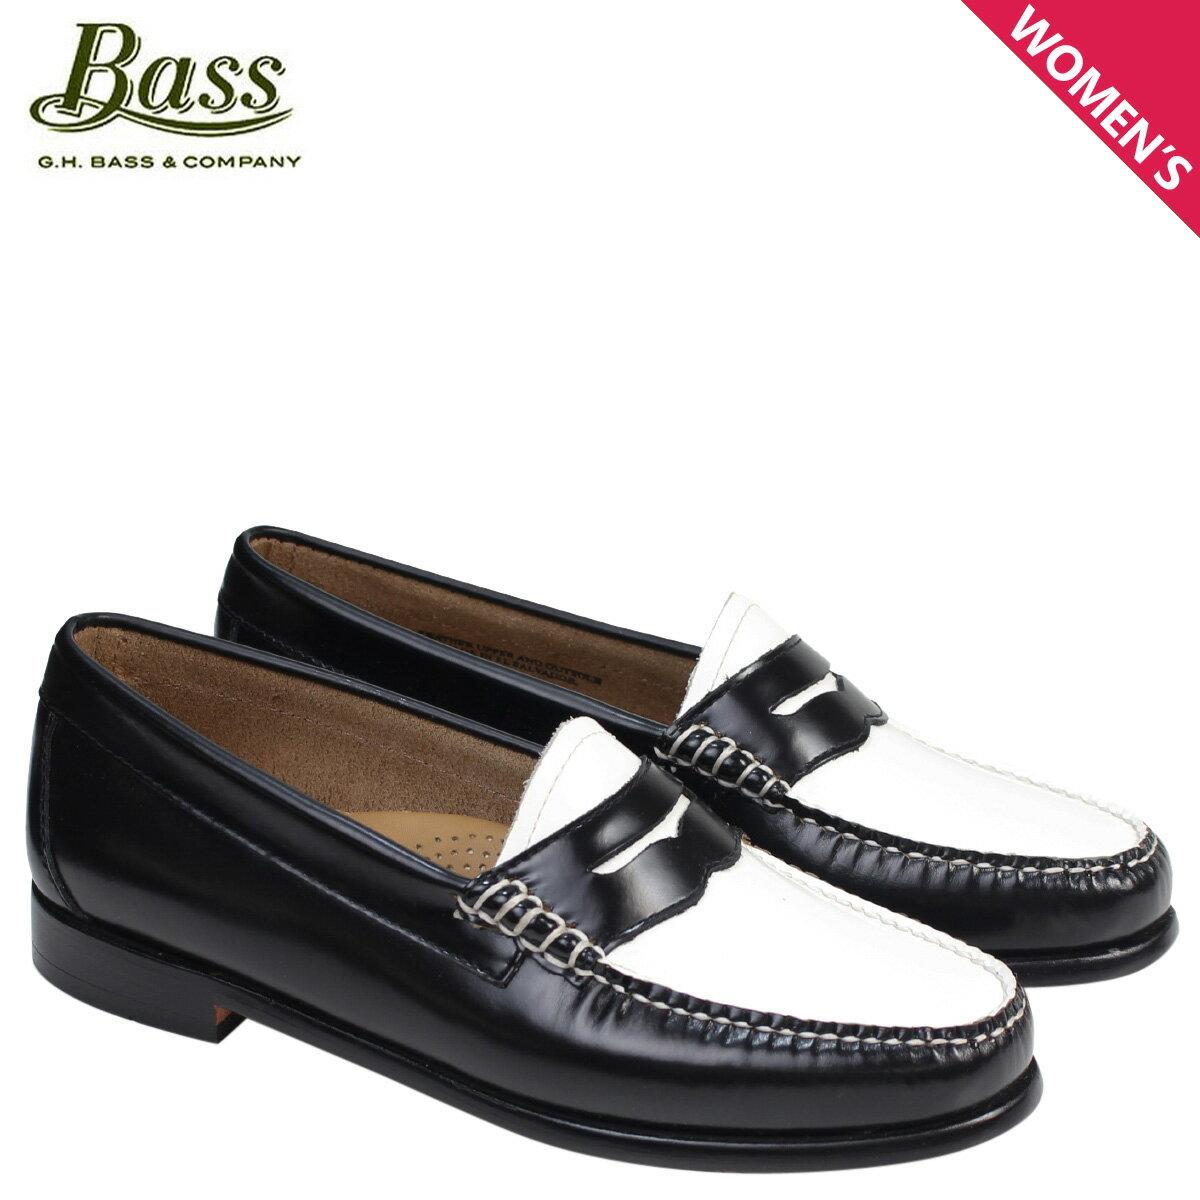 ジーエイチバス ローファー G.H. BASS レディース WHITNEY WEEJUNS 71-22414 靴 ブラック ホワイト